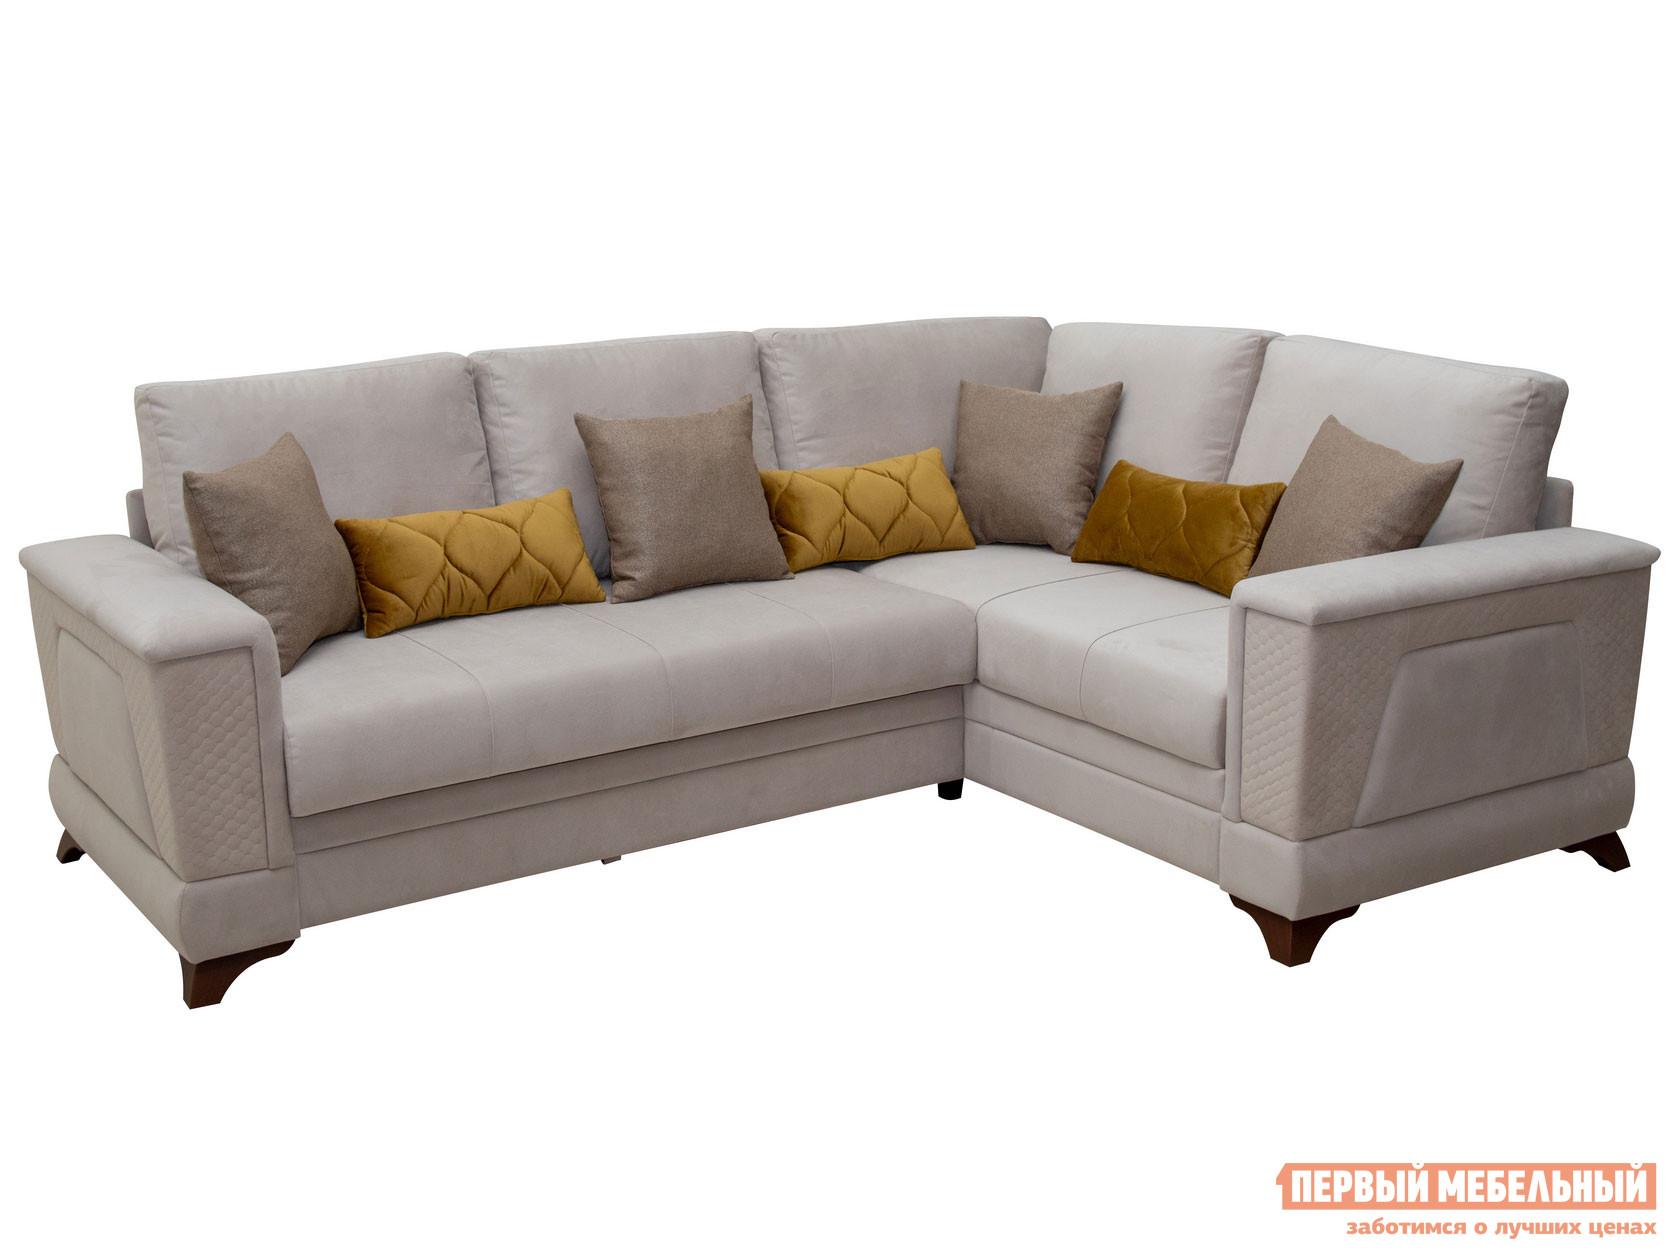 Угловой диван Первый Мебельный Самсон диван-кровать угловой